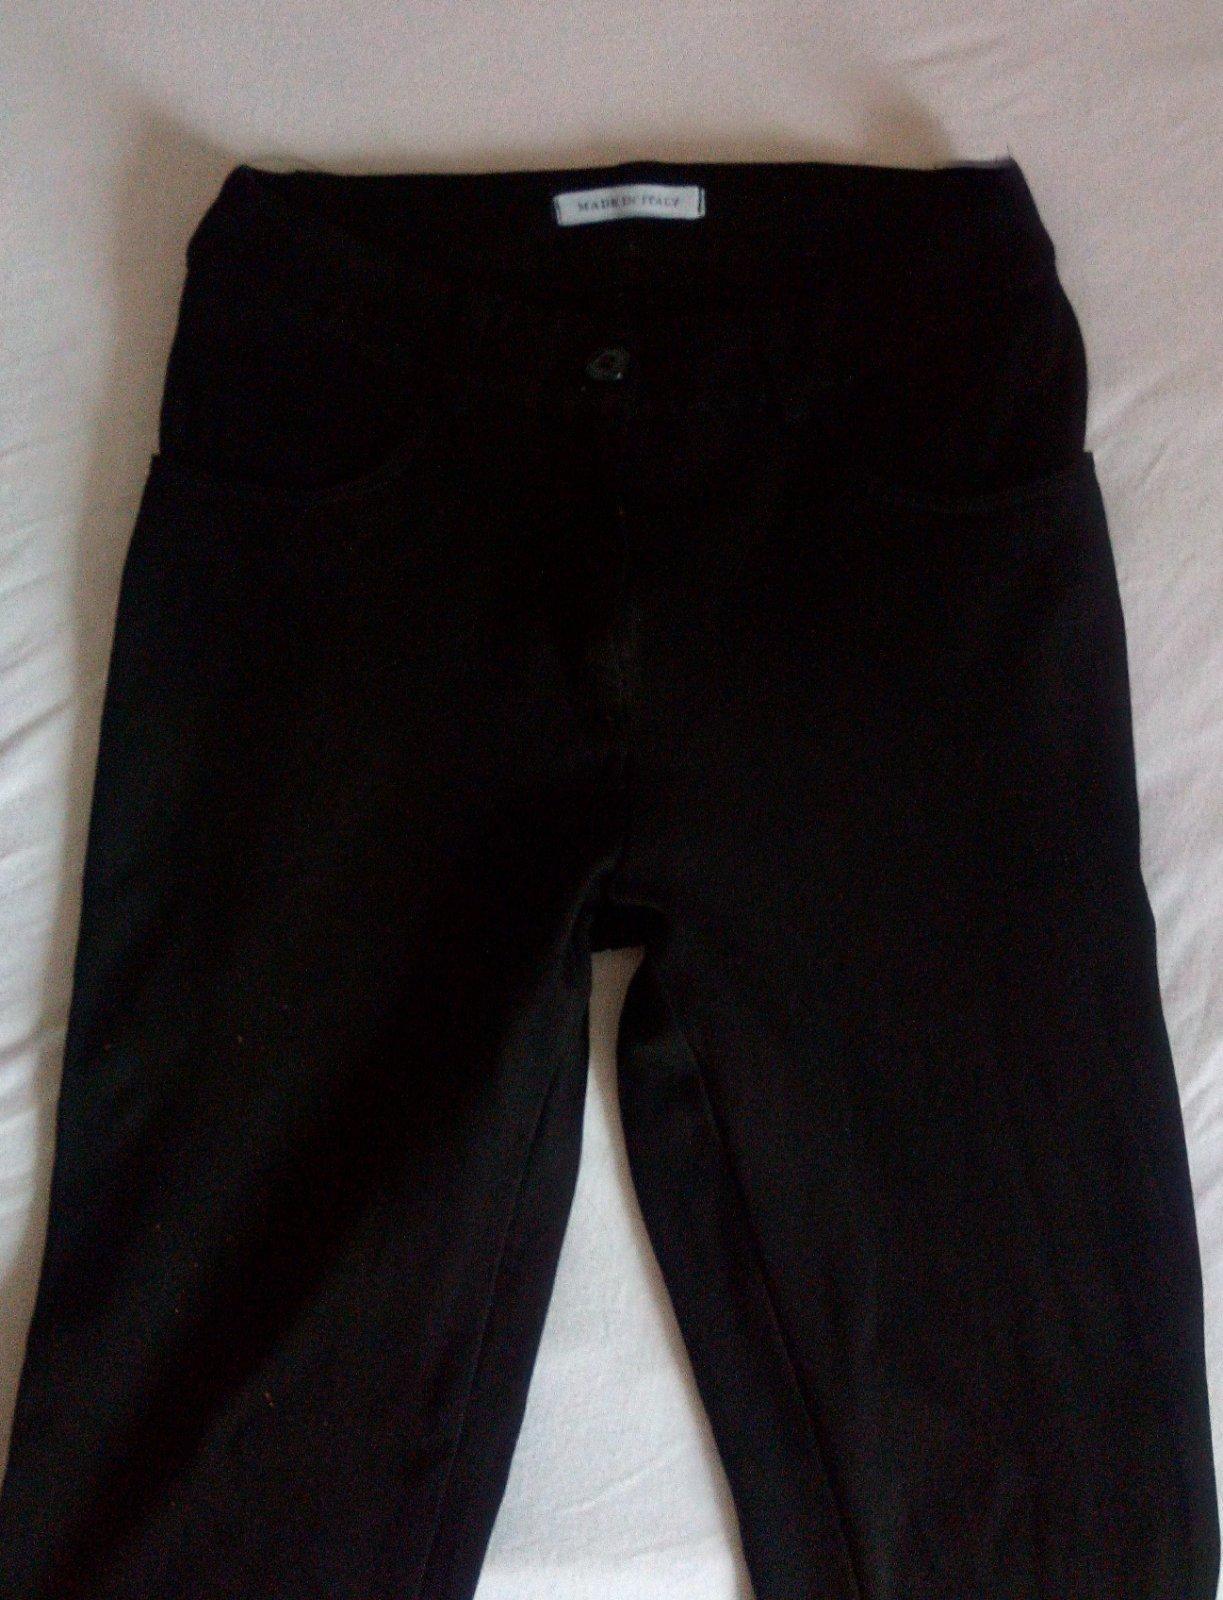 Čierne nohavice S - Obrázok č. 2